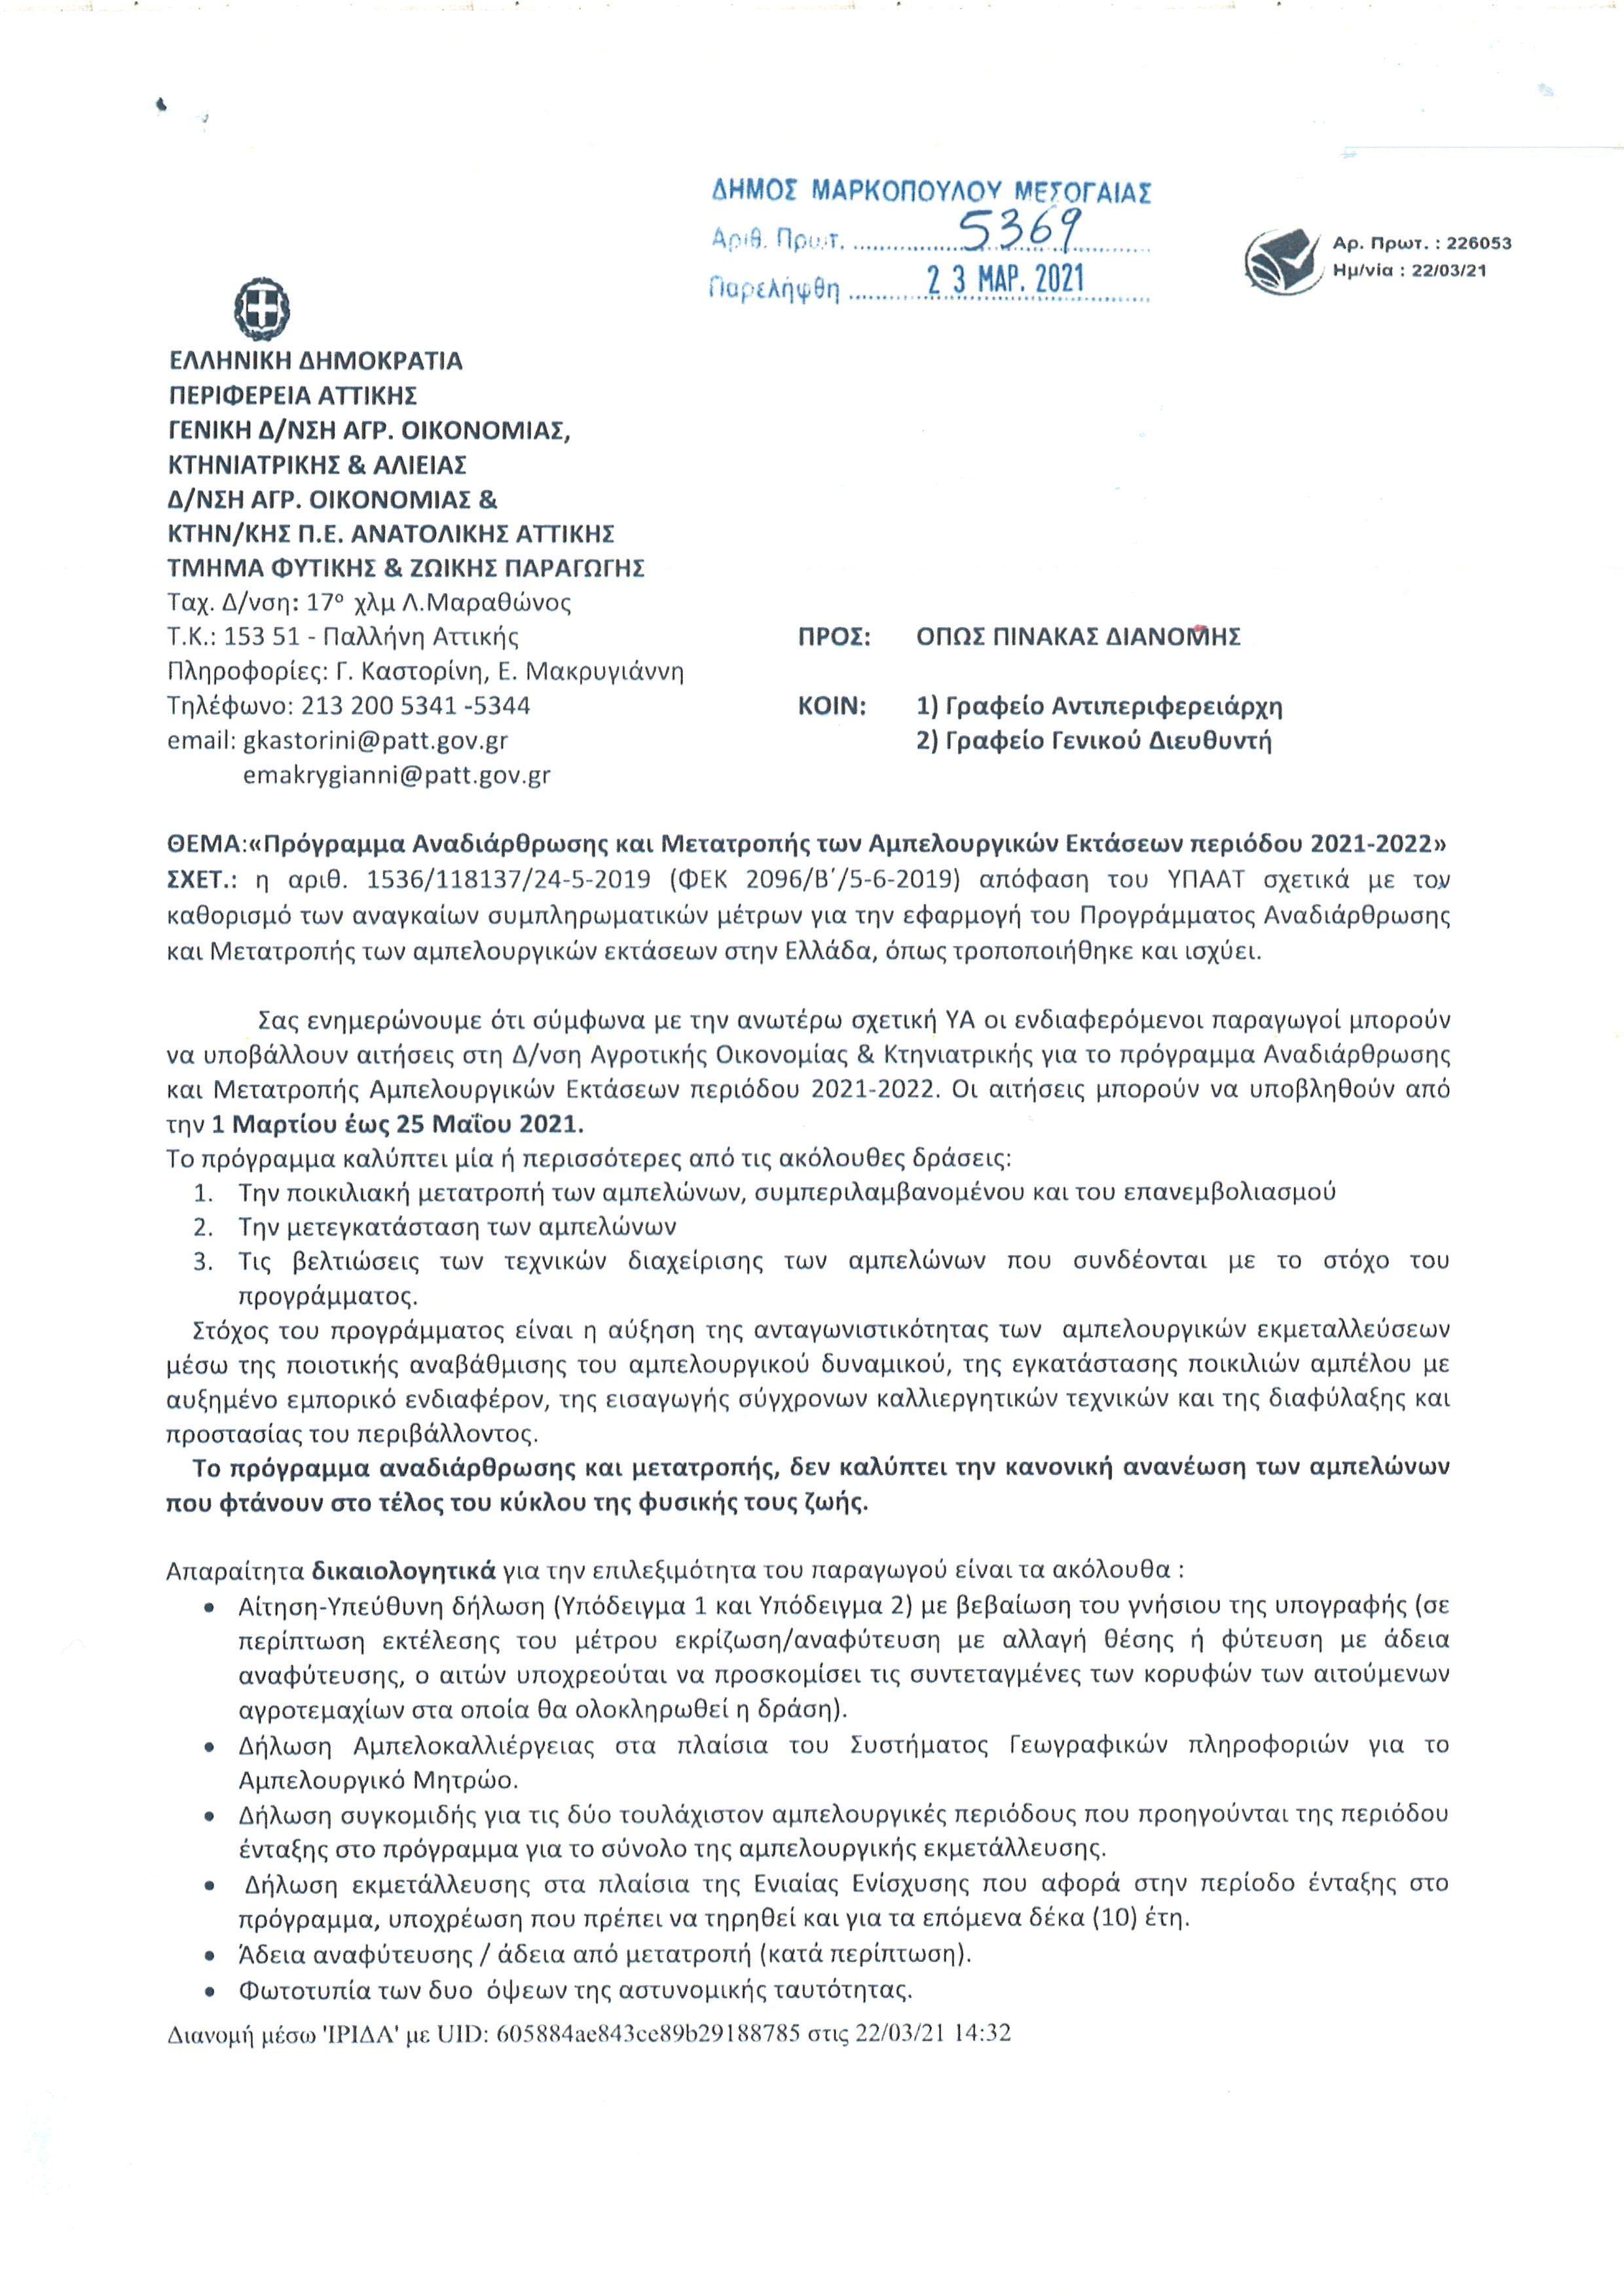 Πρόγραμμα Αναδιάρθρωσης και Μετατροπής των Αμπελουργικών Εκτάσεων 2021 – 2022